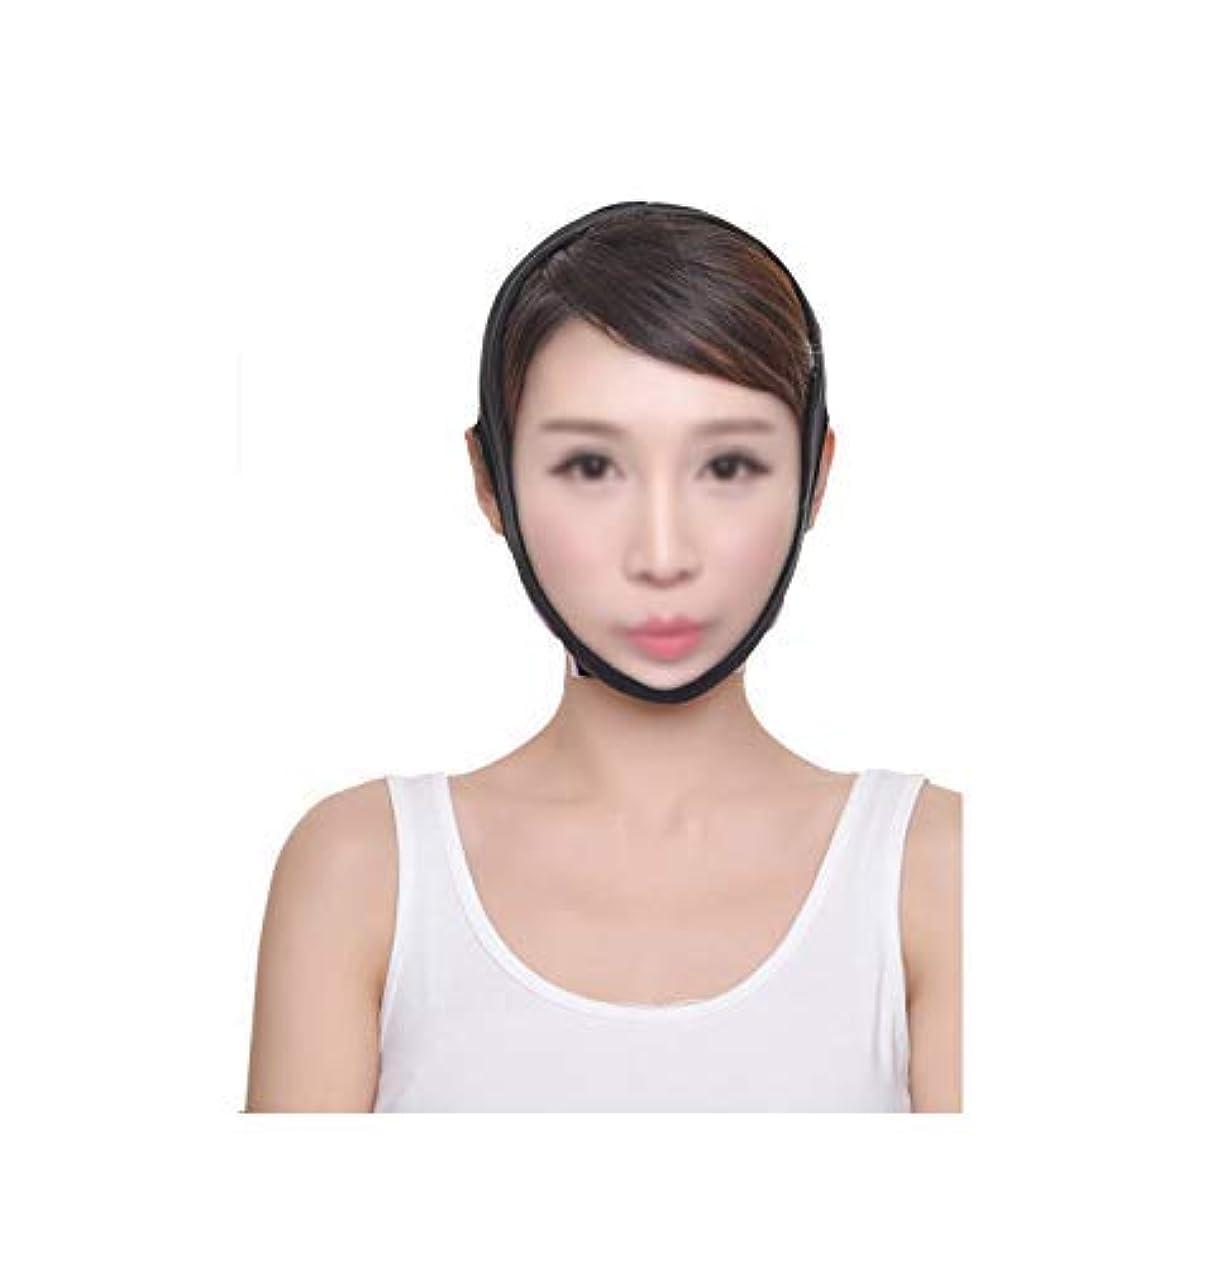 委託フィクションなるファーミングフェイスマスク、フェイスリフティングアーティファクト脂肪吸引術脂肪吸引術後整形二重あご美容マスクブラックフード(サイズ:L),M